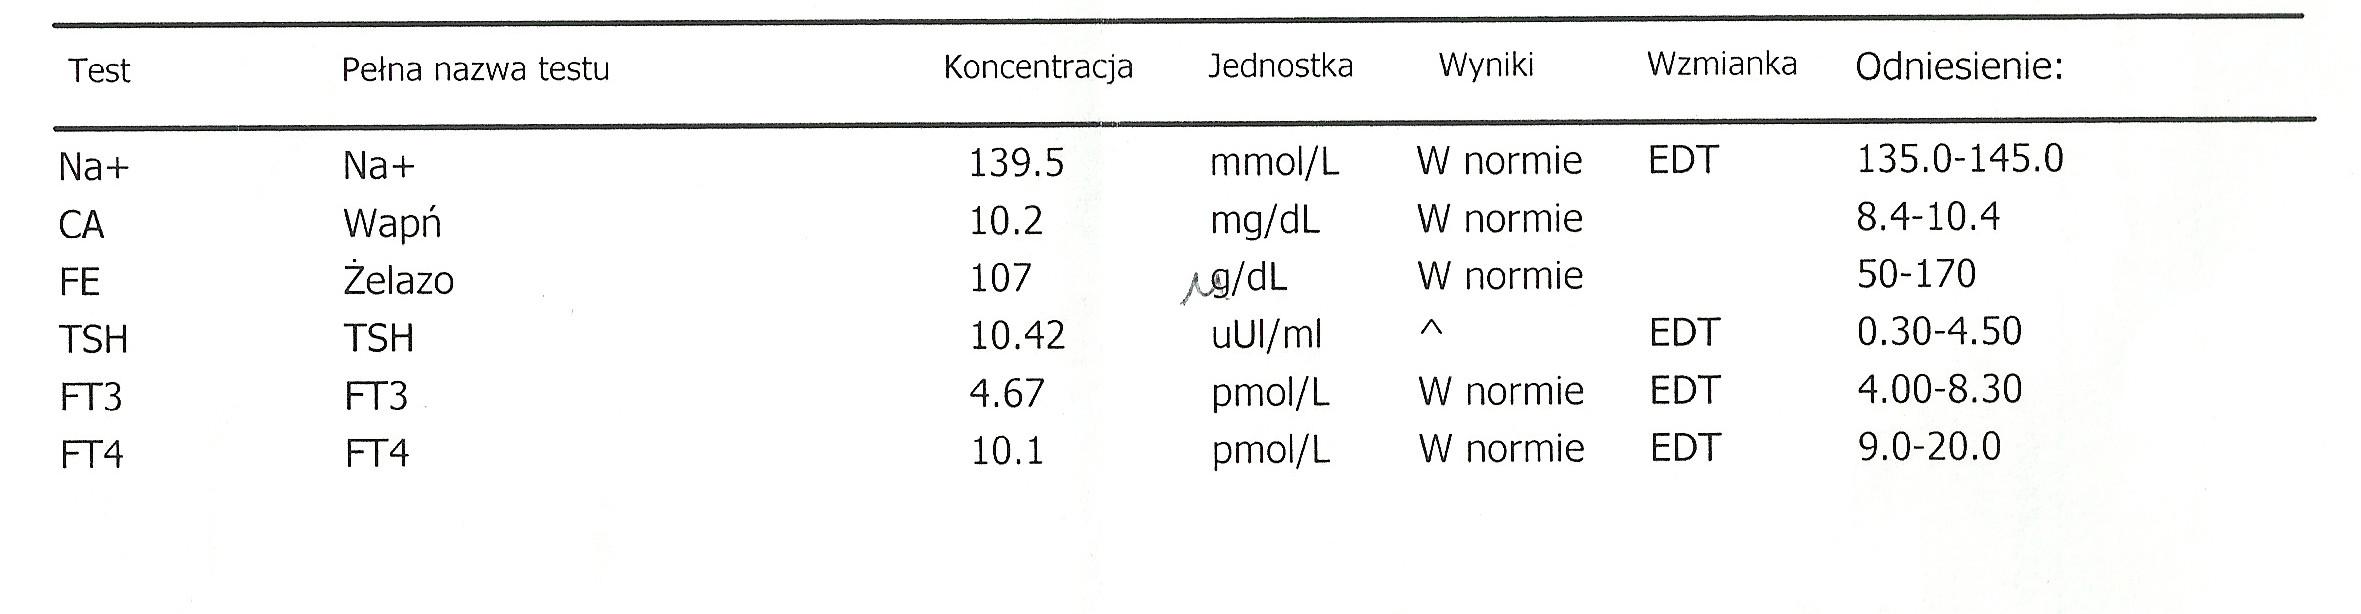 Glodne_pl-Karta informacyjna leczenia szpitalnego w oddziale psychiatrii (anorekcja, bulimia), badania laboratoryjne-5